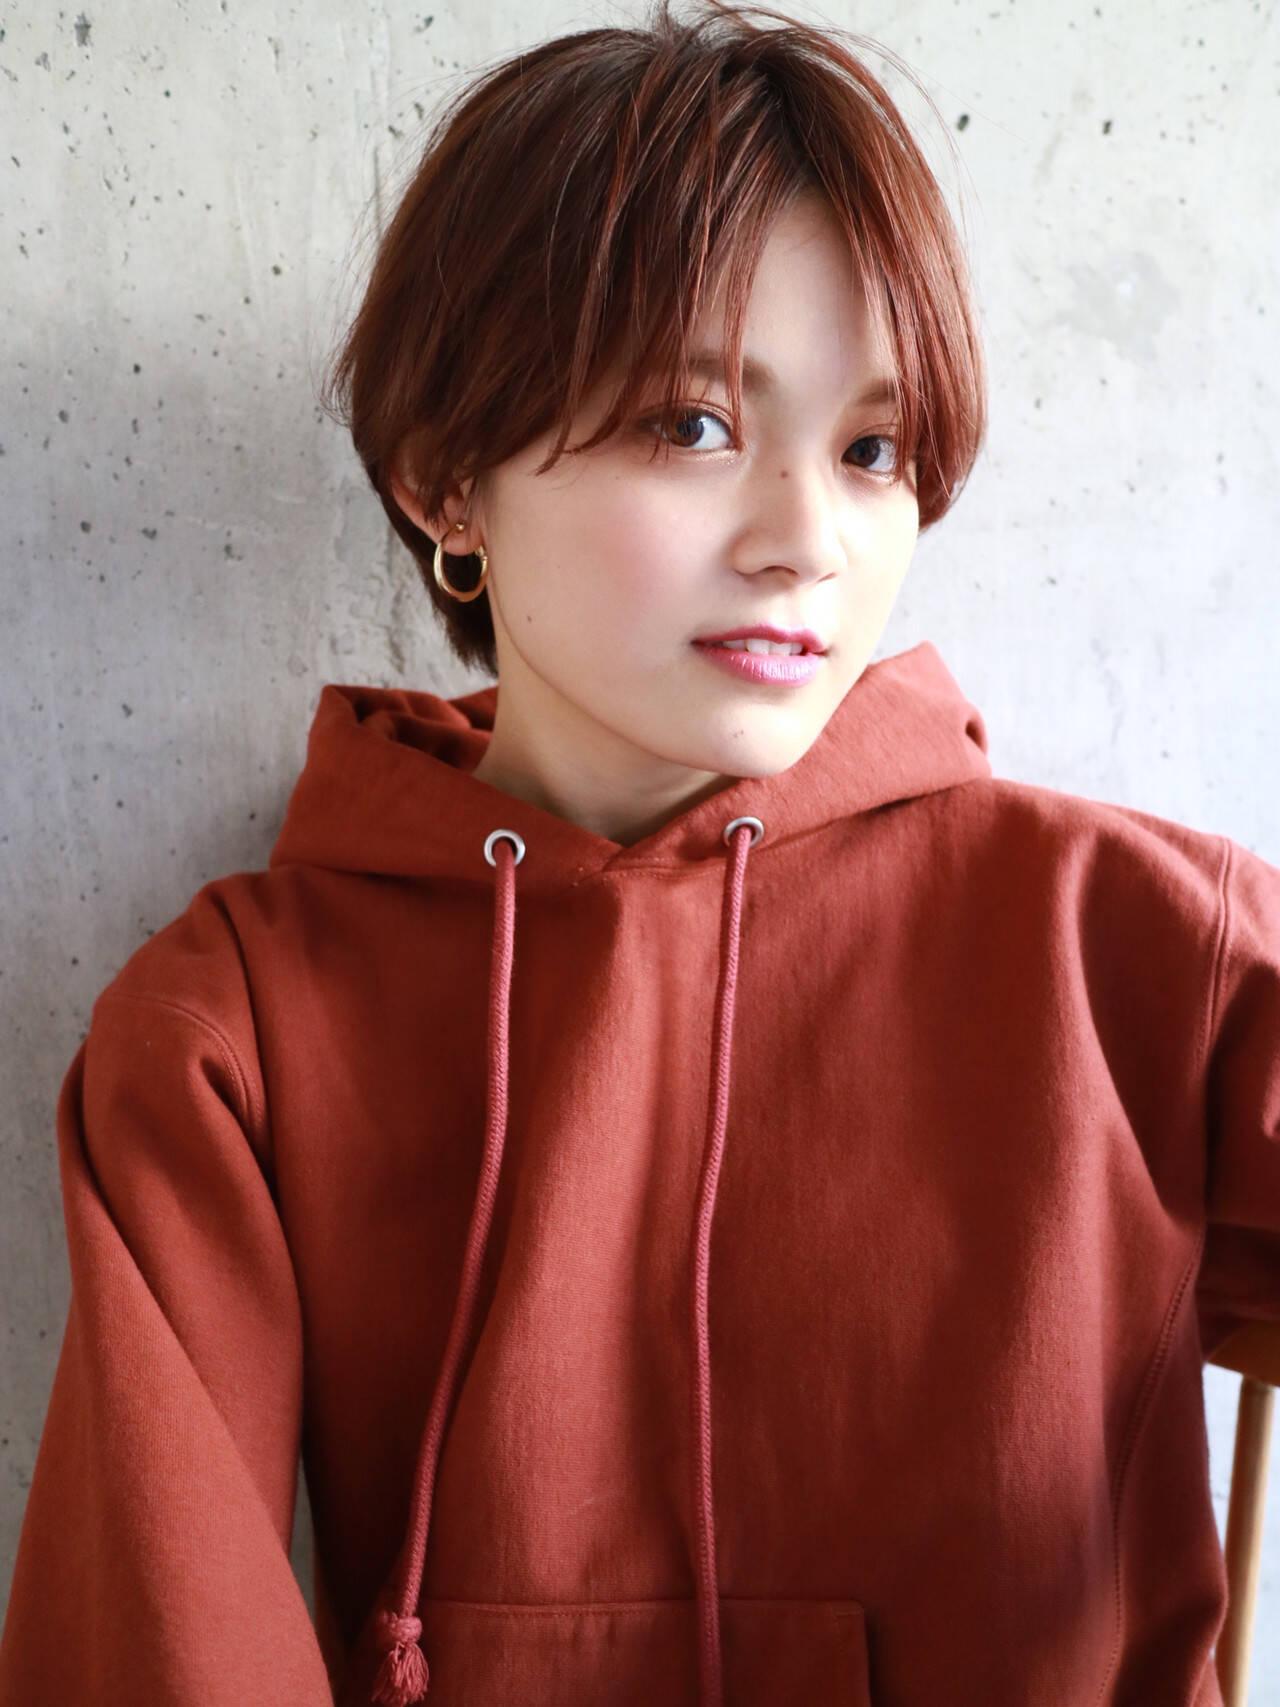 オレンジ スポーツ アンニュイほつれヘア 暖色系グレージュヘアスタイルや髪型の写真・画像